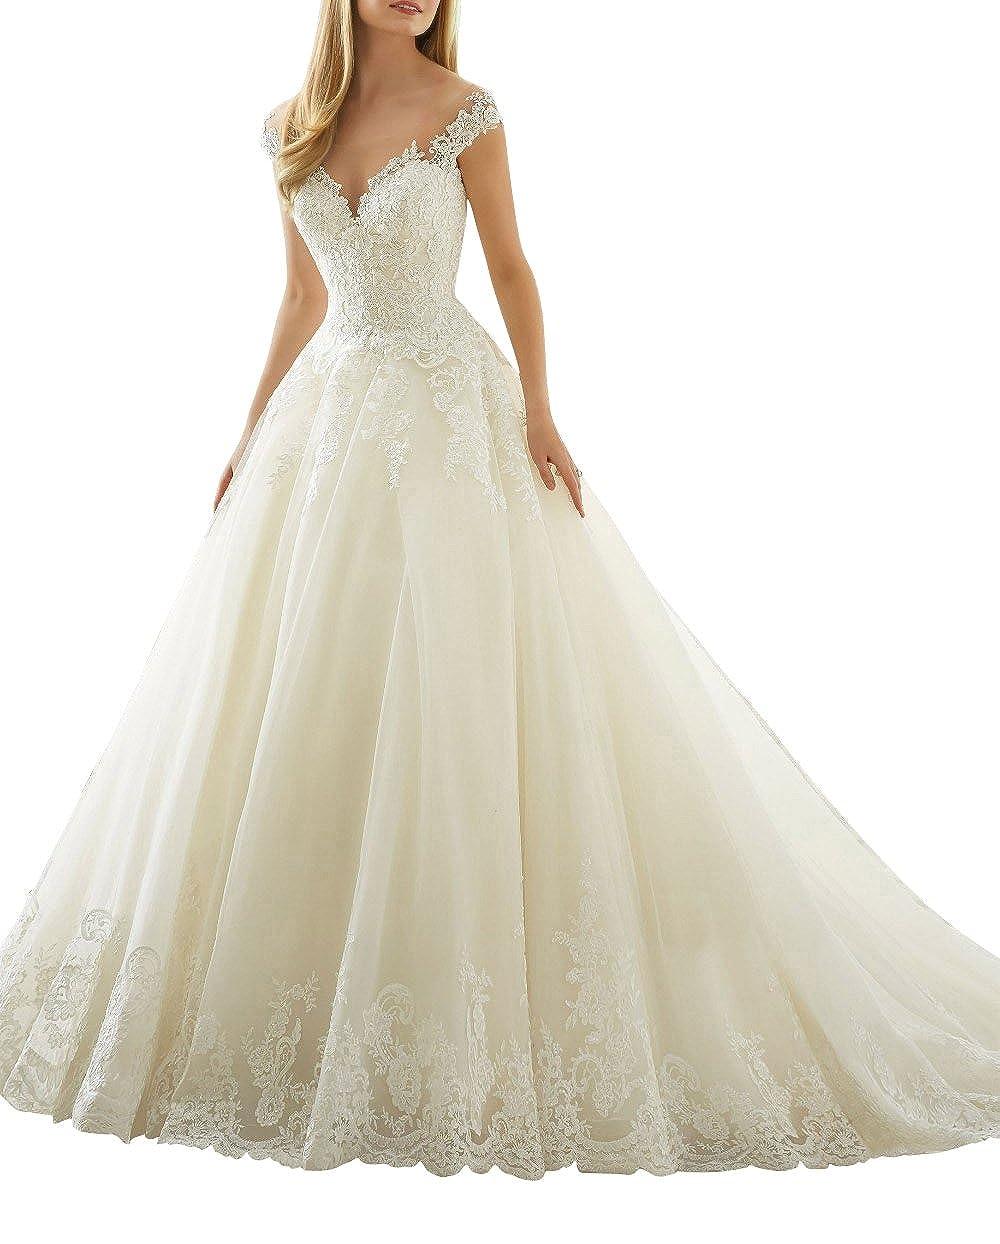 XUYUDITA Scoop cuello de hombro de encaje Vintage A-Line vestidos de novia de la boda: Amazon.es: Ropa y accesorios